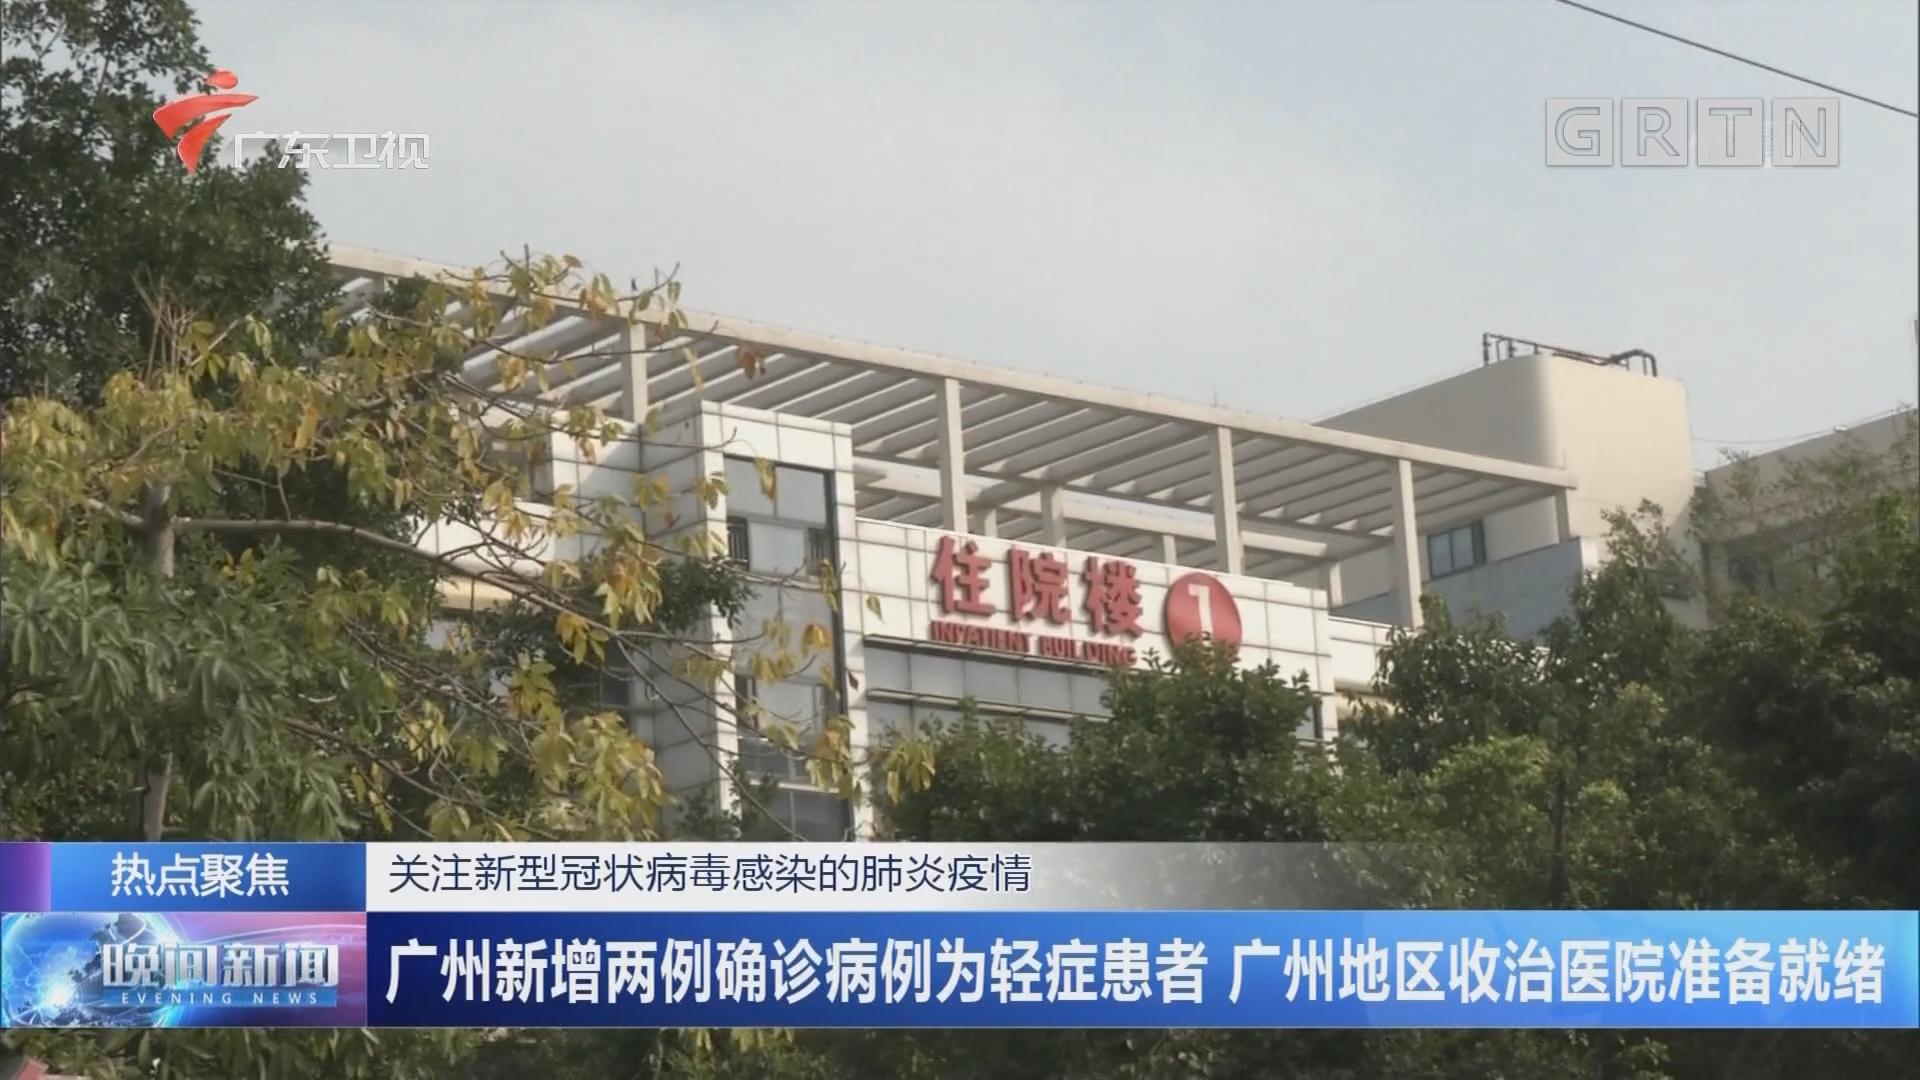 关注新型冠状病毒感染的肺炎疫情 广州新增两例确诊病例为轻症患者 广州地区收治医院准备就绪